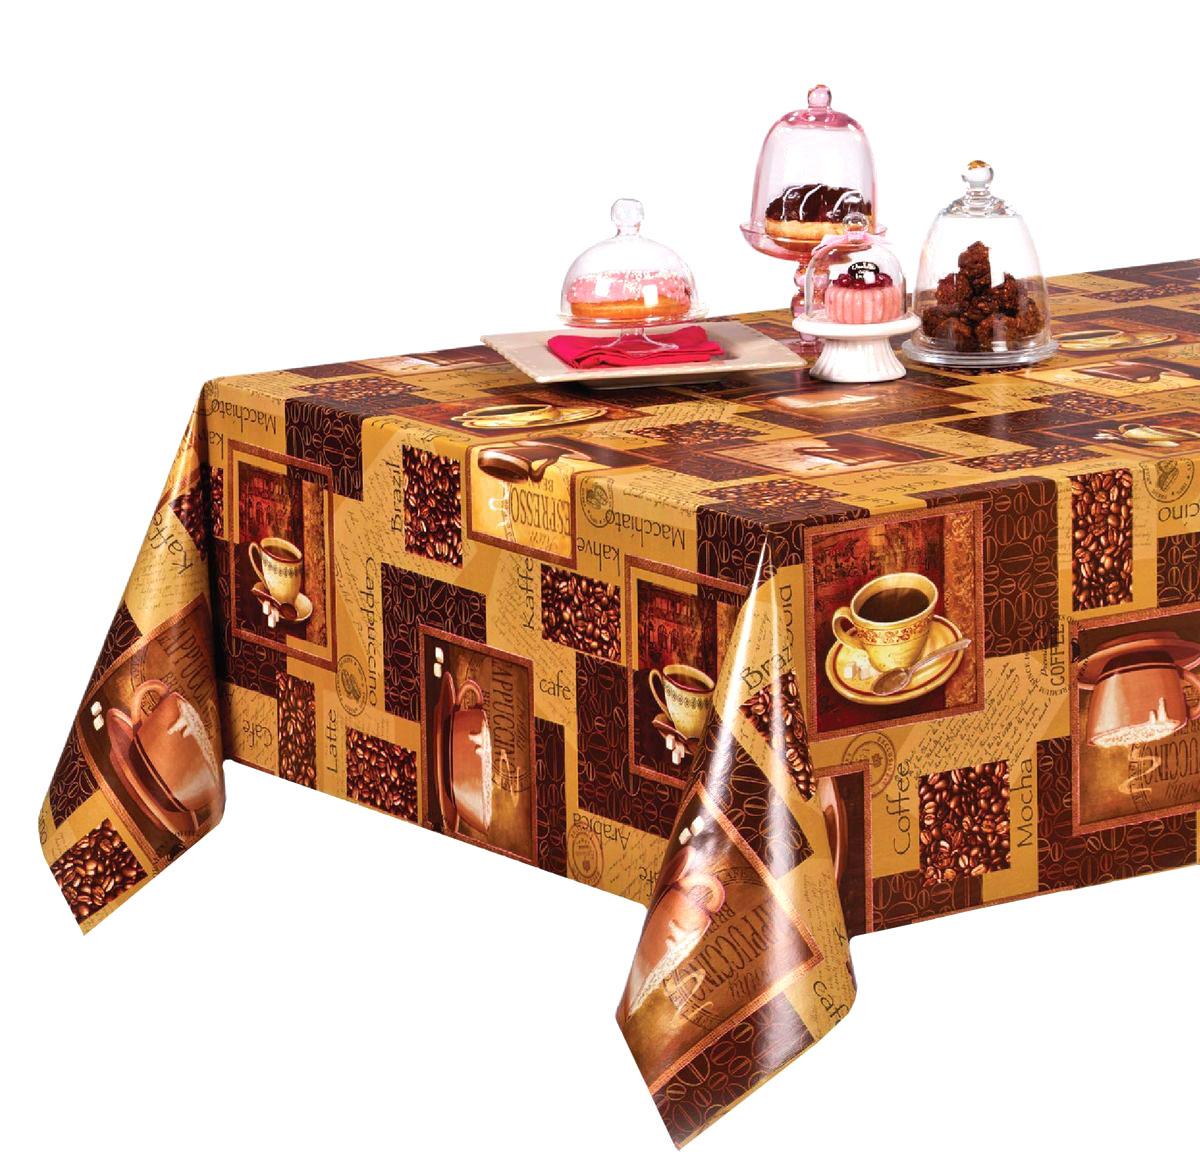 Столовая клеенка LCadesi Florista, прямоугольная, 140 х 200 см. FL140200-004-00lns239644Столовая клеенка Florista с ярким дизайном украсит ваш стол и защитит его от царапин и пятен. Благодаря основе из нетканого материала не скользит по столу. Клеенка не имеет запаха и совершенно безопасна для человека.